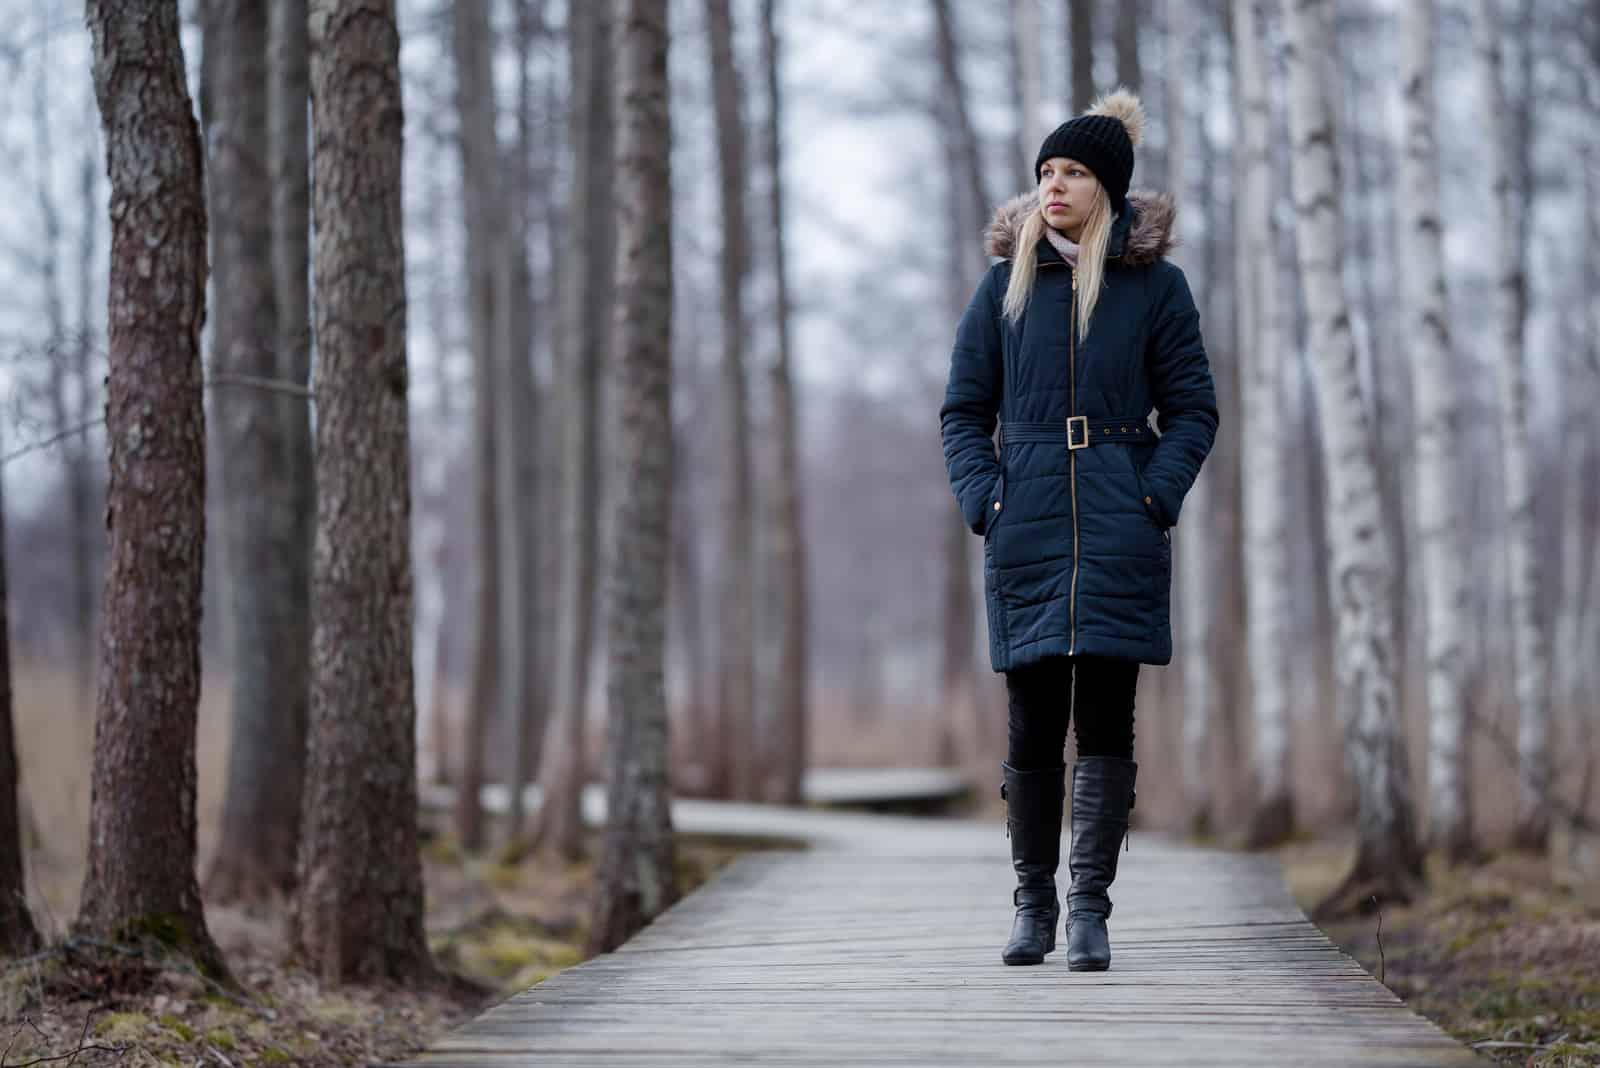 Ung kvinna i mörka varma kläder som långsamt går på träslinga